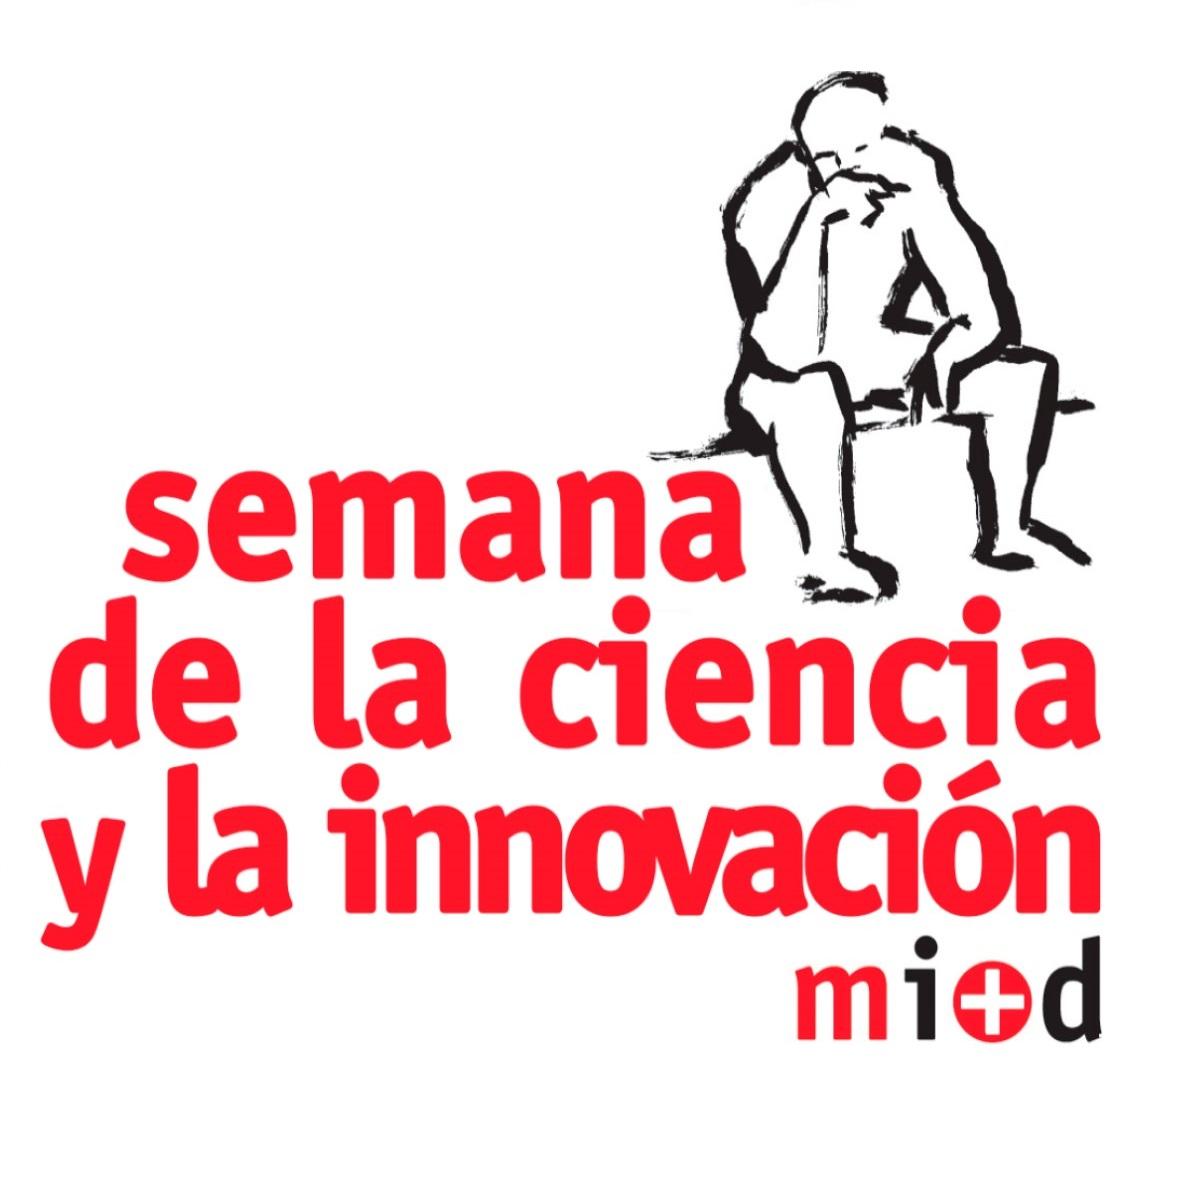 Los investigadores GET-MSCA participan en la Semana de la Ciencia y la Innovación de Madrid